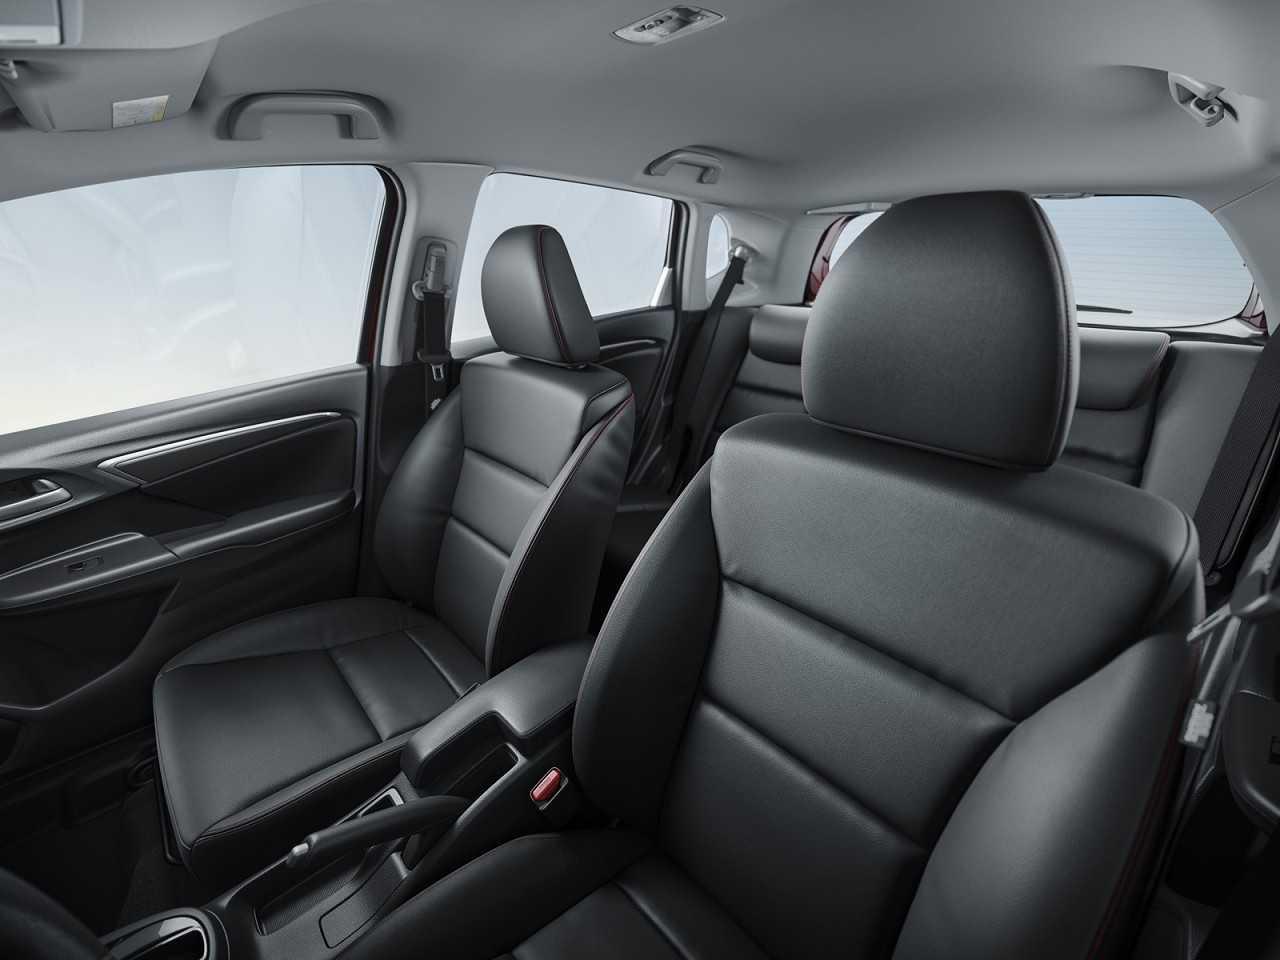 HondaWR-V 2019 - bancos dianteiros